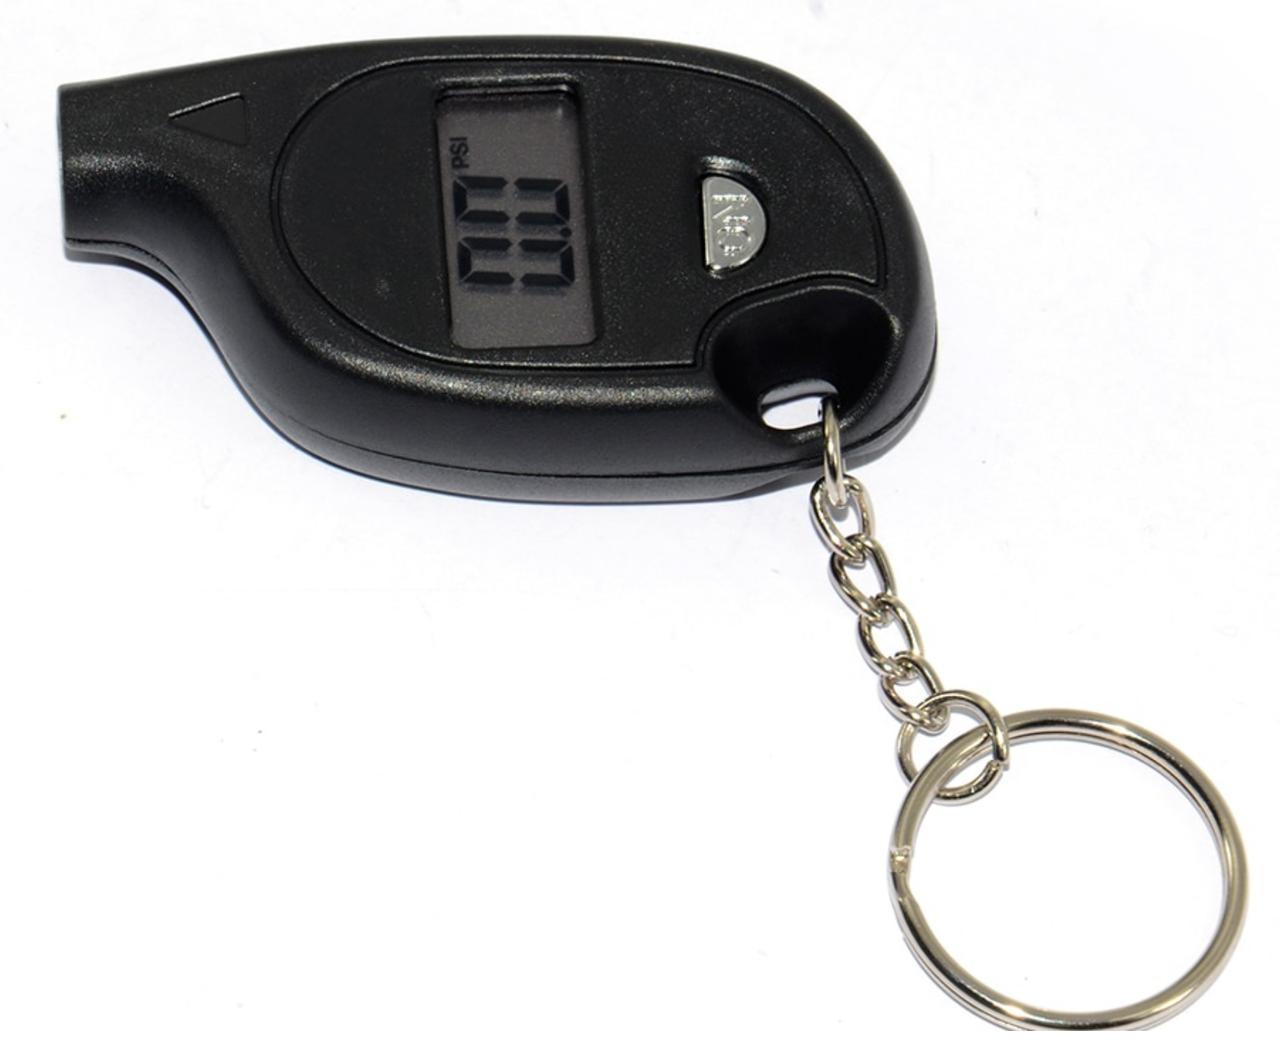 Брелок - манометр электронный для проверки давления в шинах с ЖК дисплеем